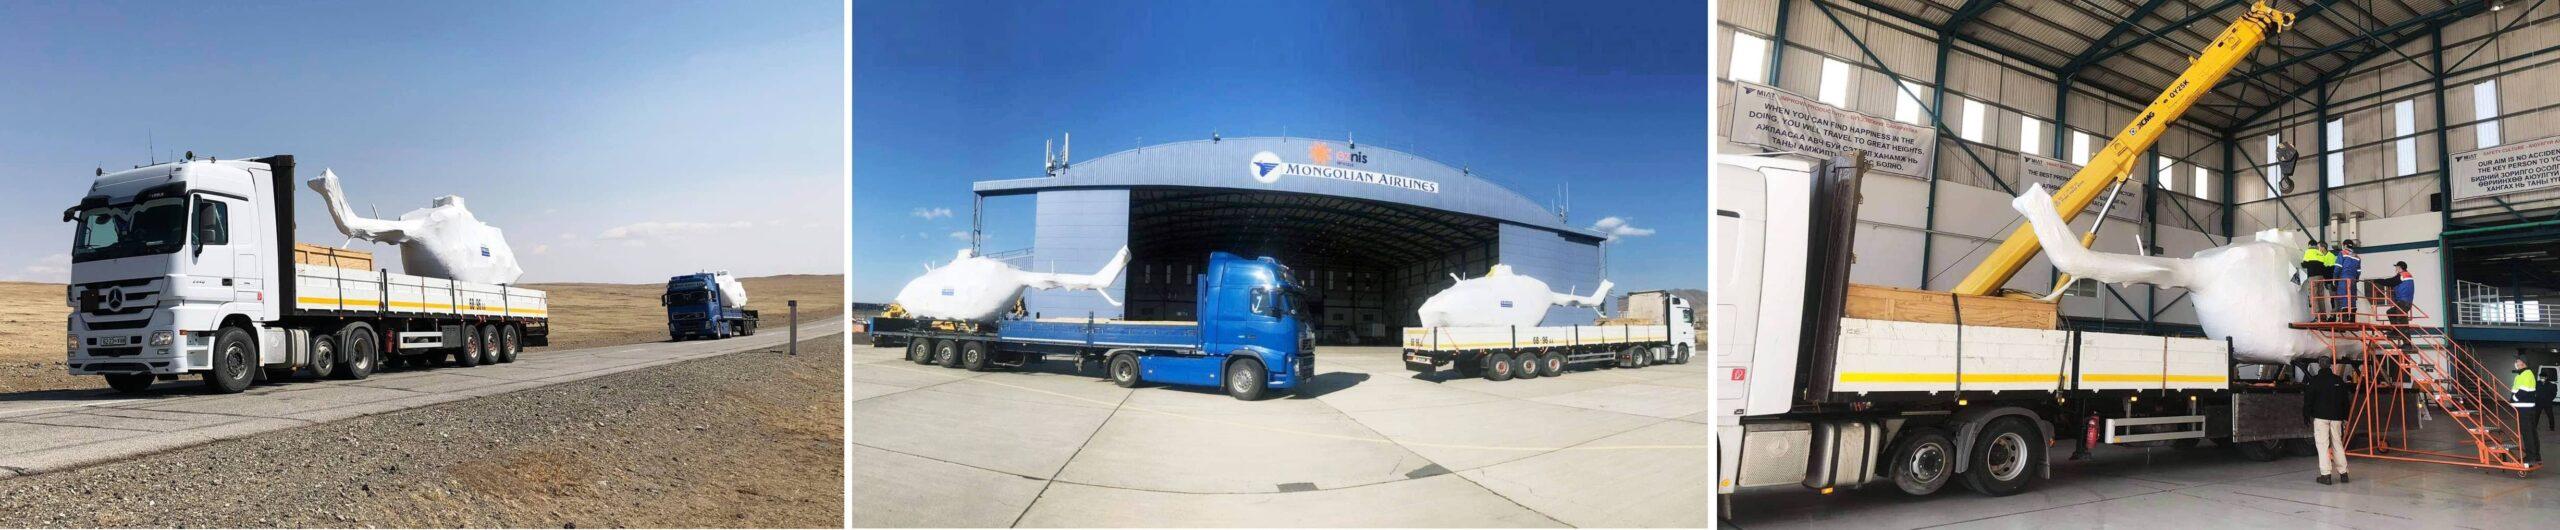 Globalia Ulaanbaatar - independent freight forwarder